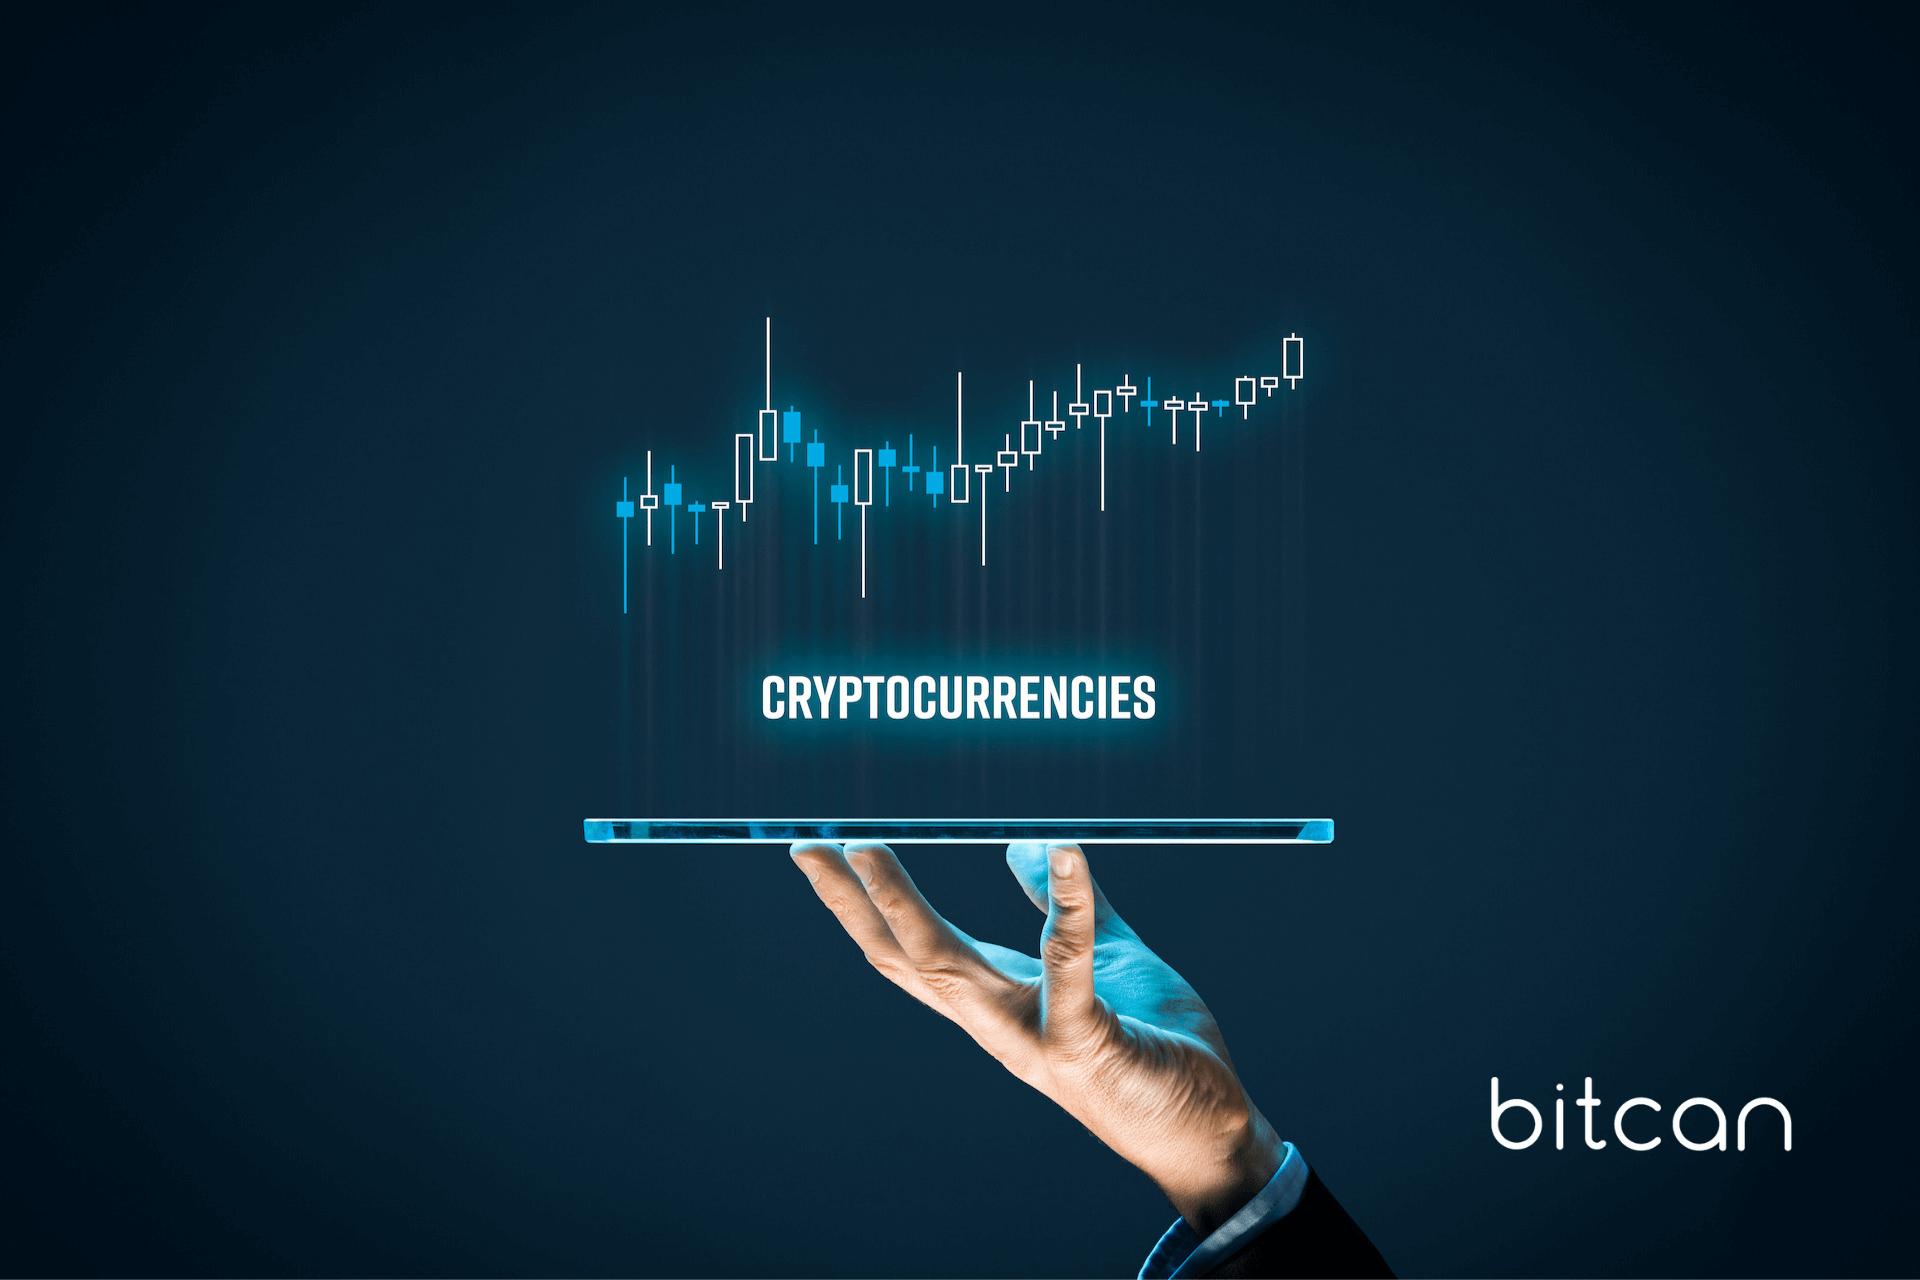 Kryptowaluty to najlepsza klasa aktywów w 2021 r. Bitcoin dominuje stopy zwrotu